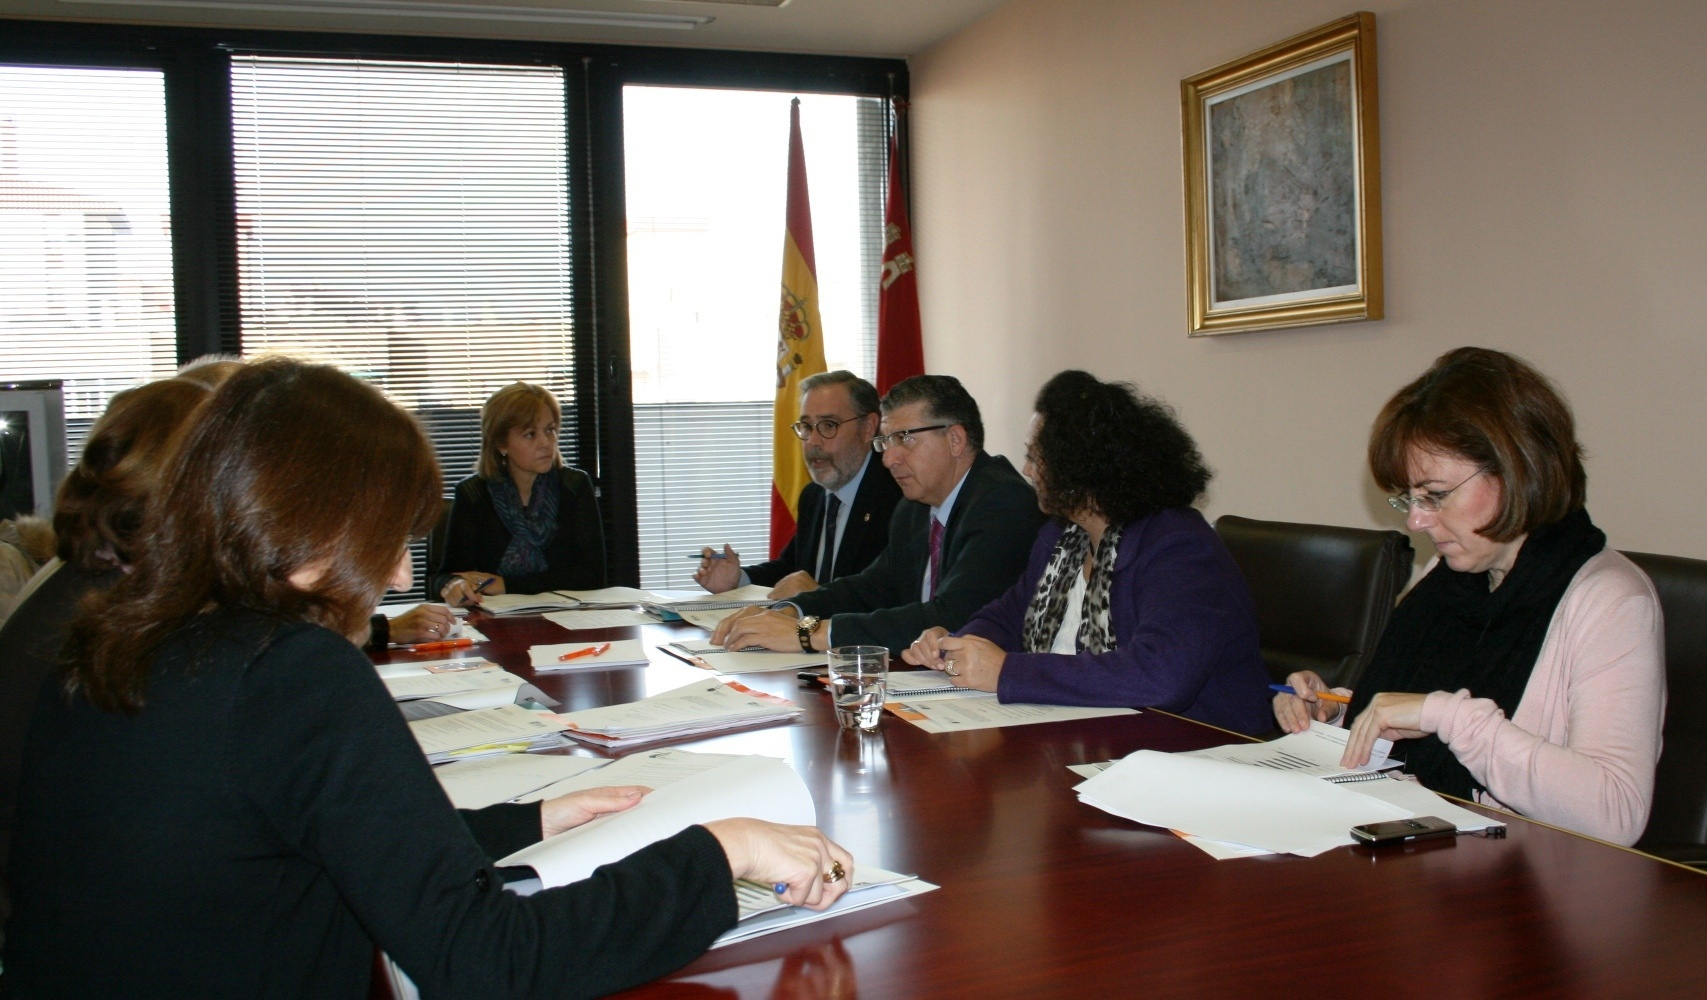 El Instituto de Vivienda y Suelo concluirá 2012 con la entrega de 39 nuevas viviendas de promoción pública